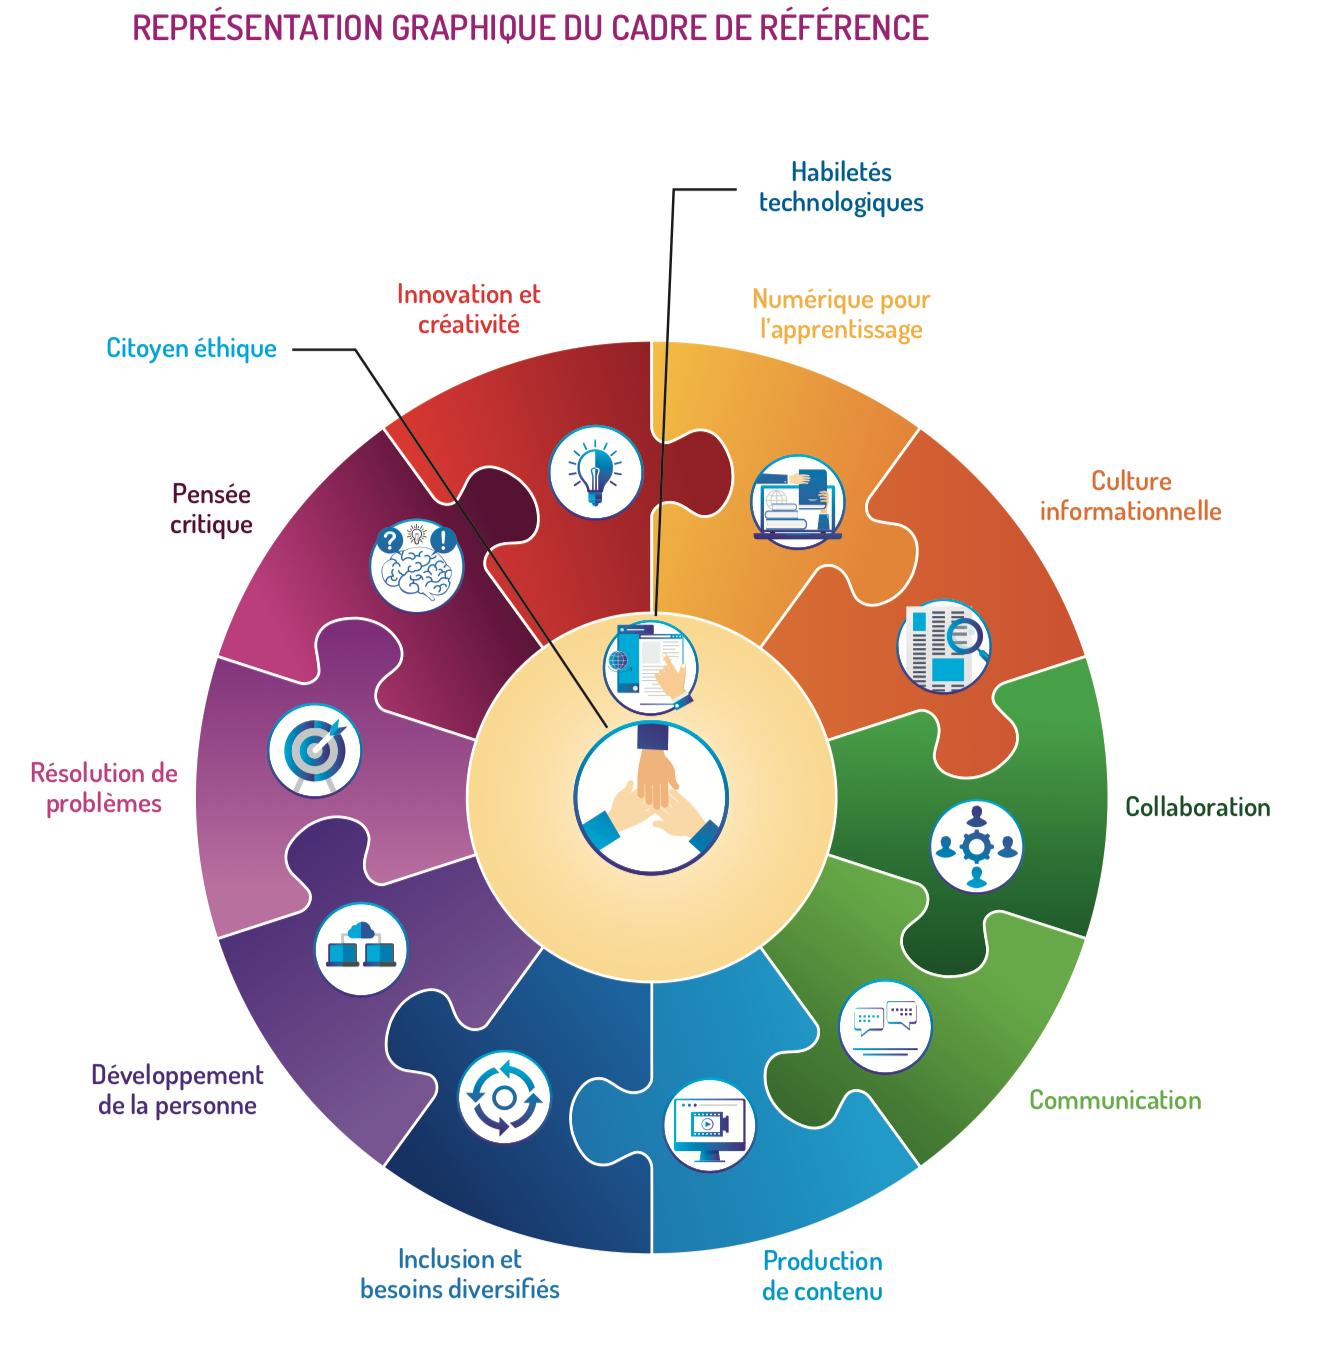 Cadre de référence de la compétence numérique, continuum et guide pédagogique